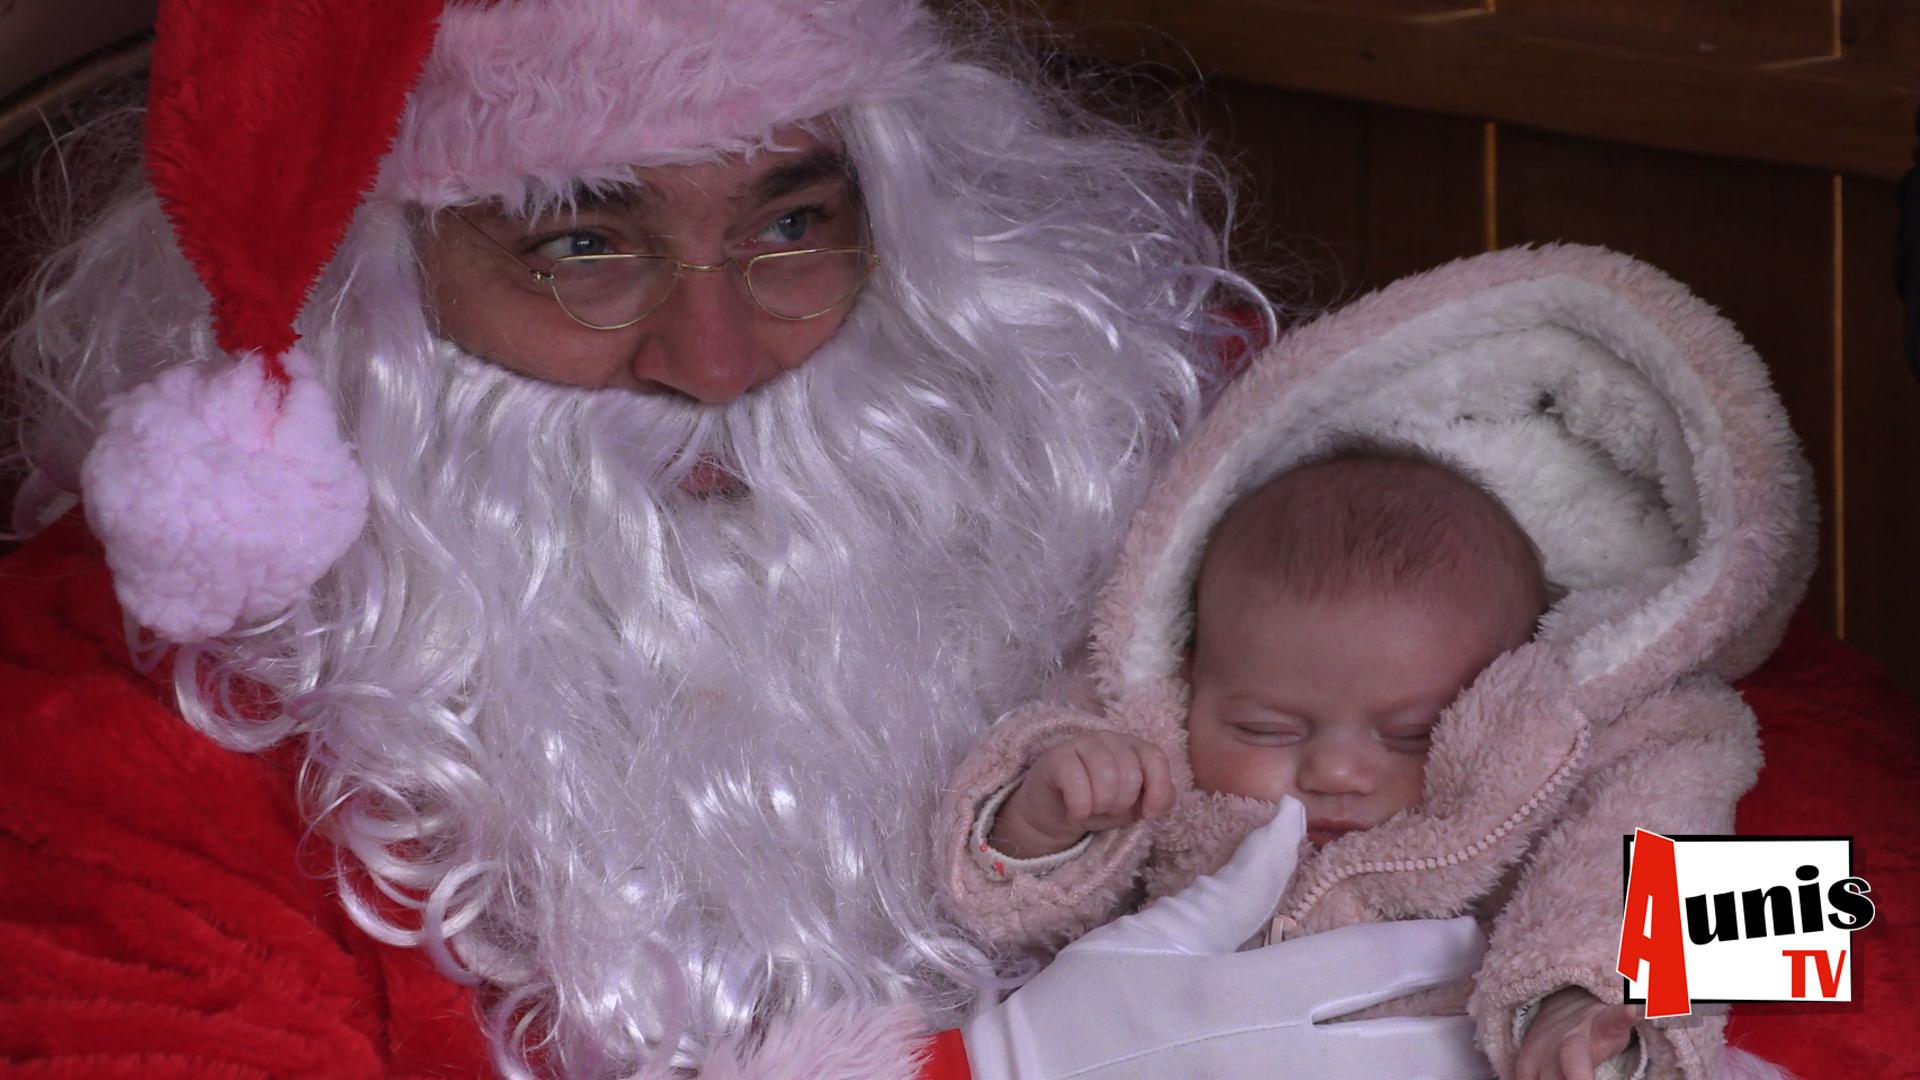 Marché de Noël La Ronde Père Noël